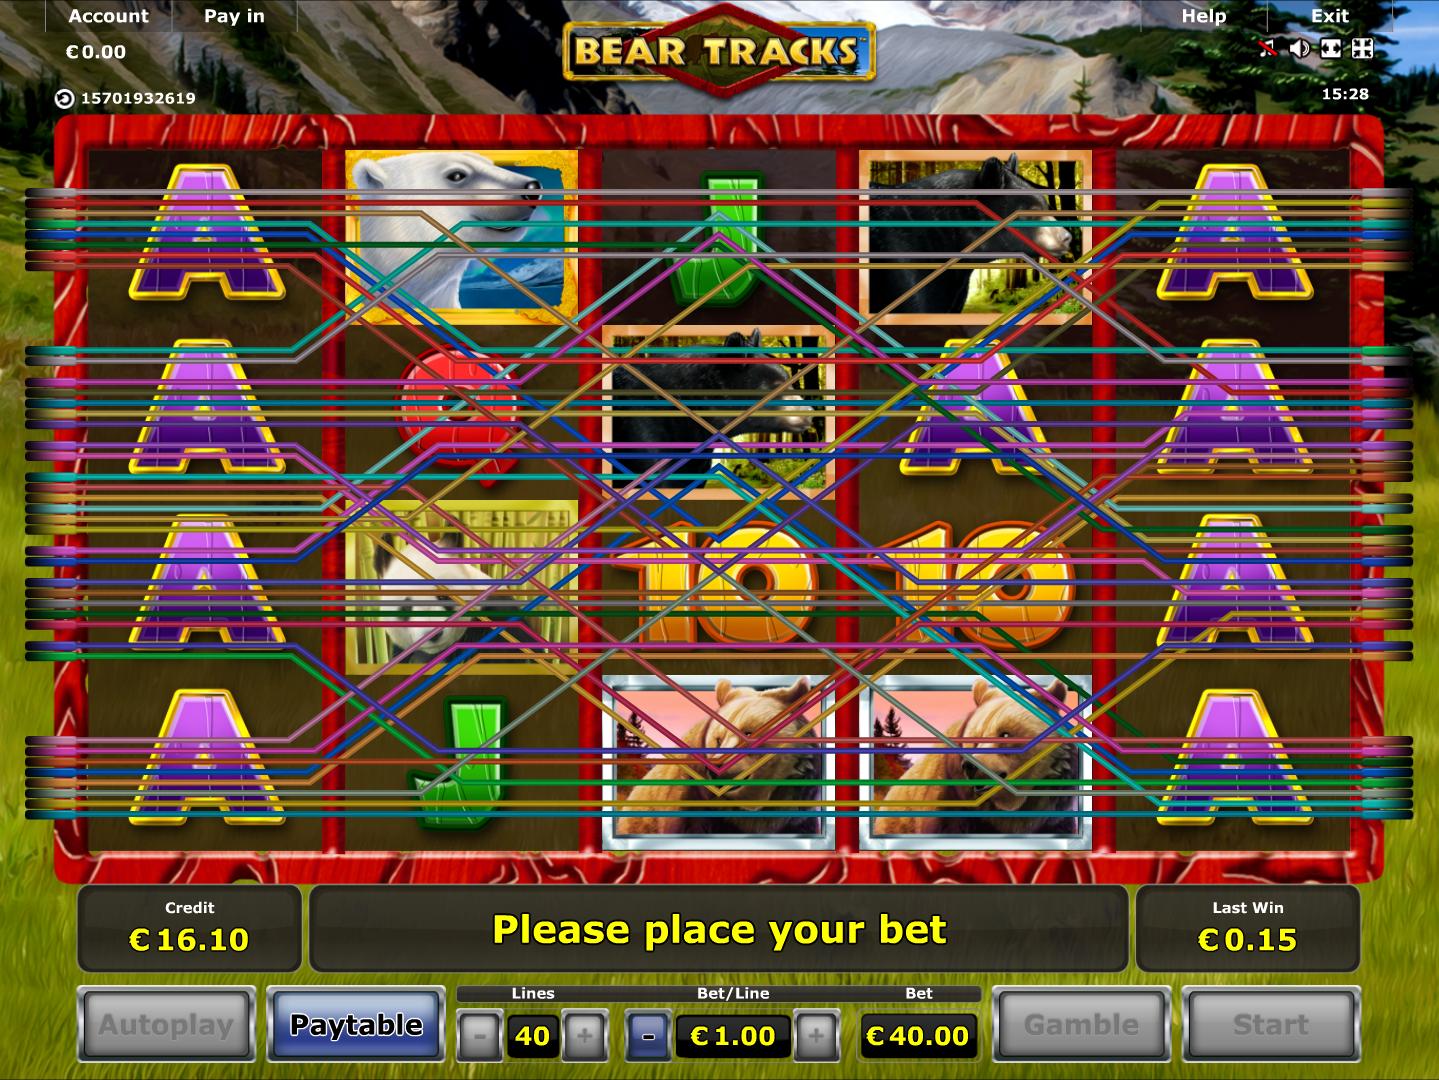 Jetzt Bear Tracks online spielen